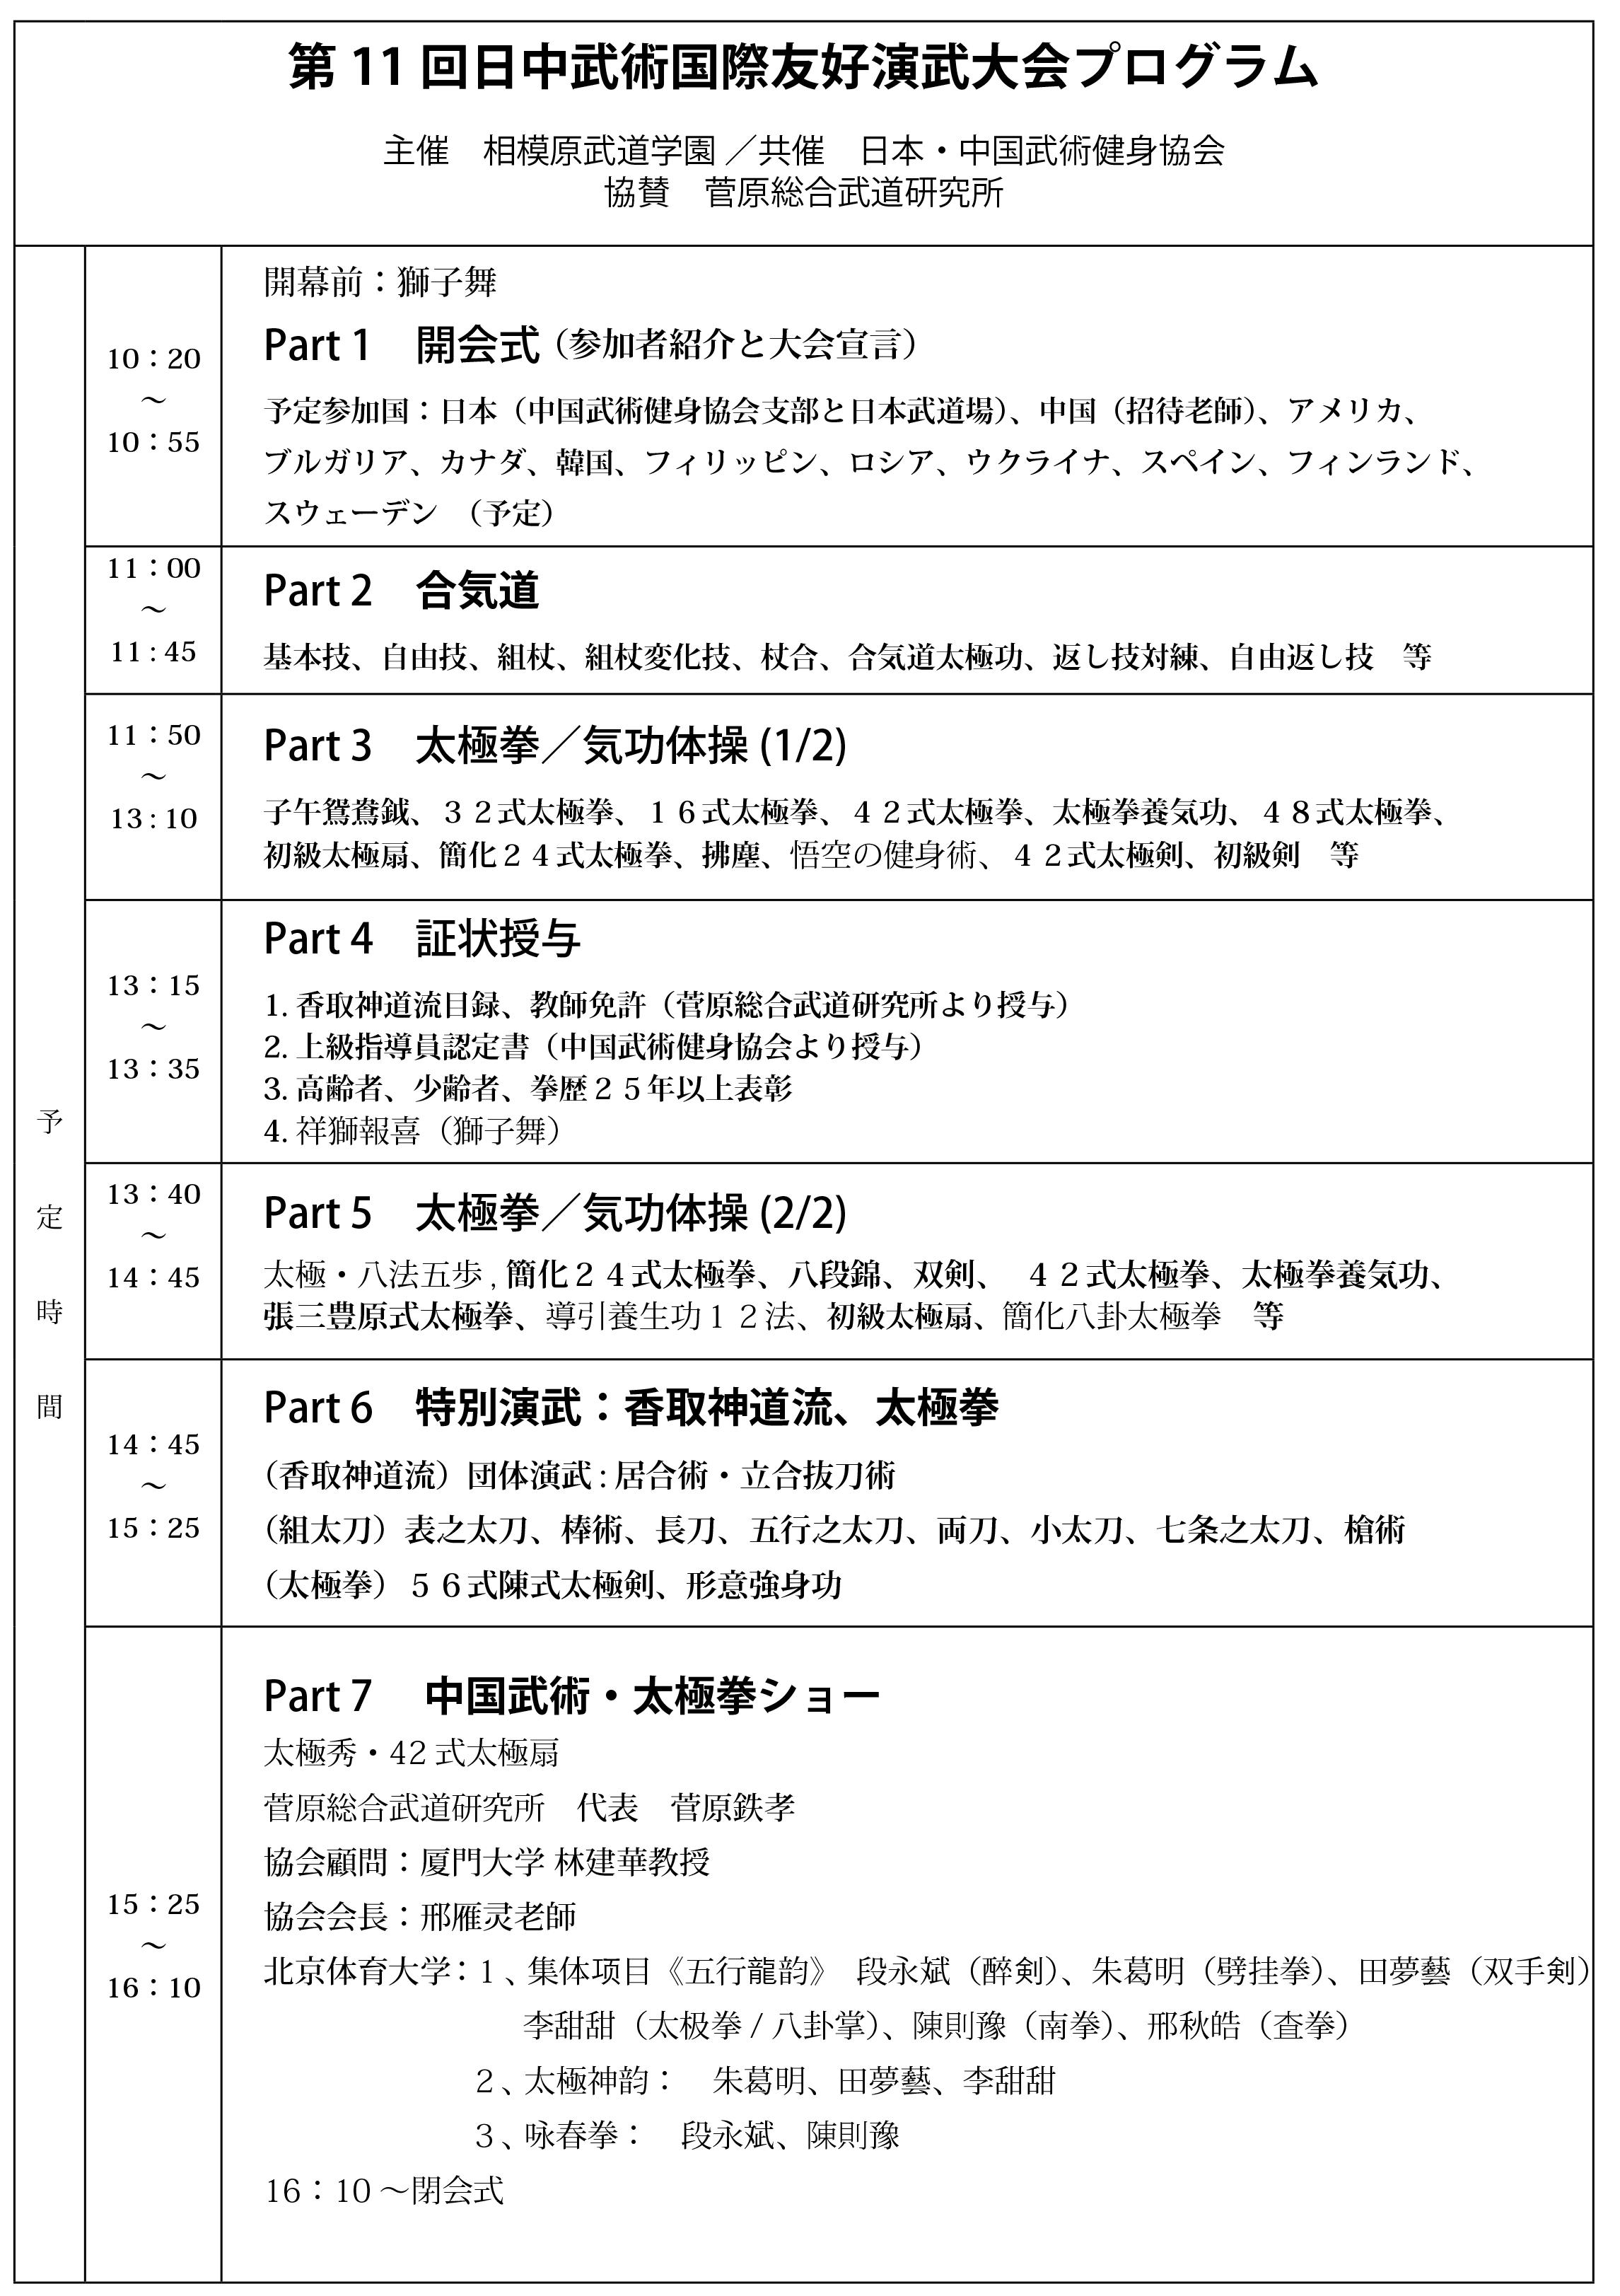 A4大会ポスタープ中とじ両面最小-program only.png